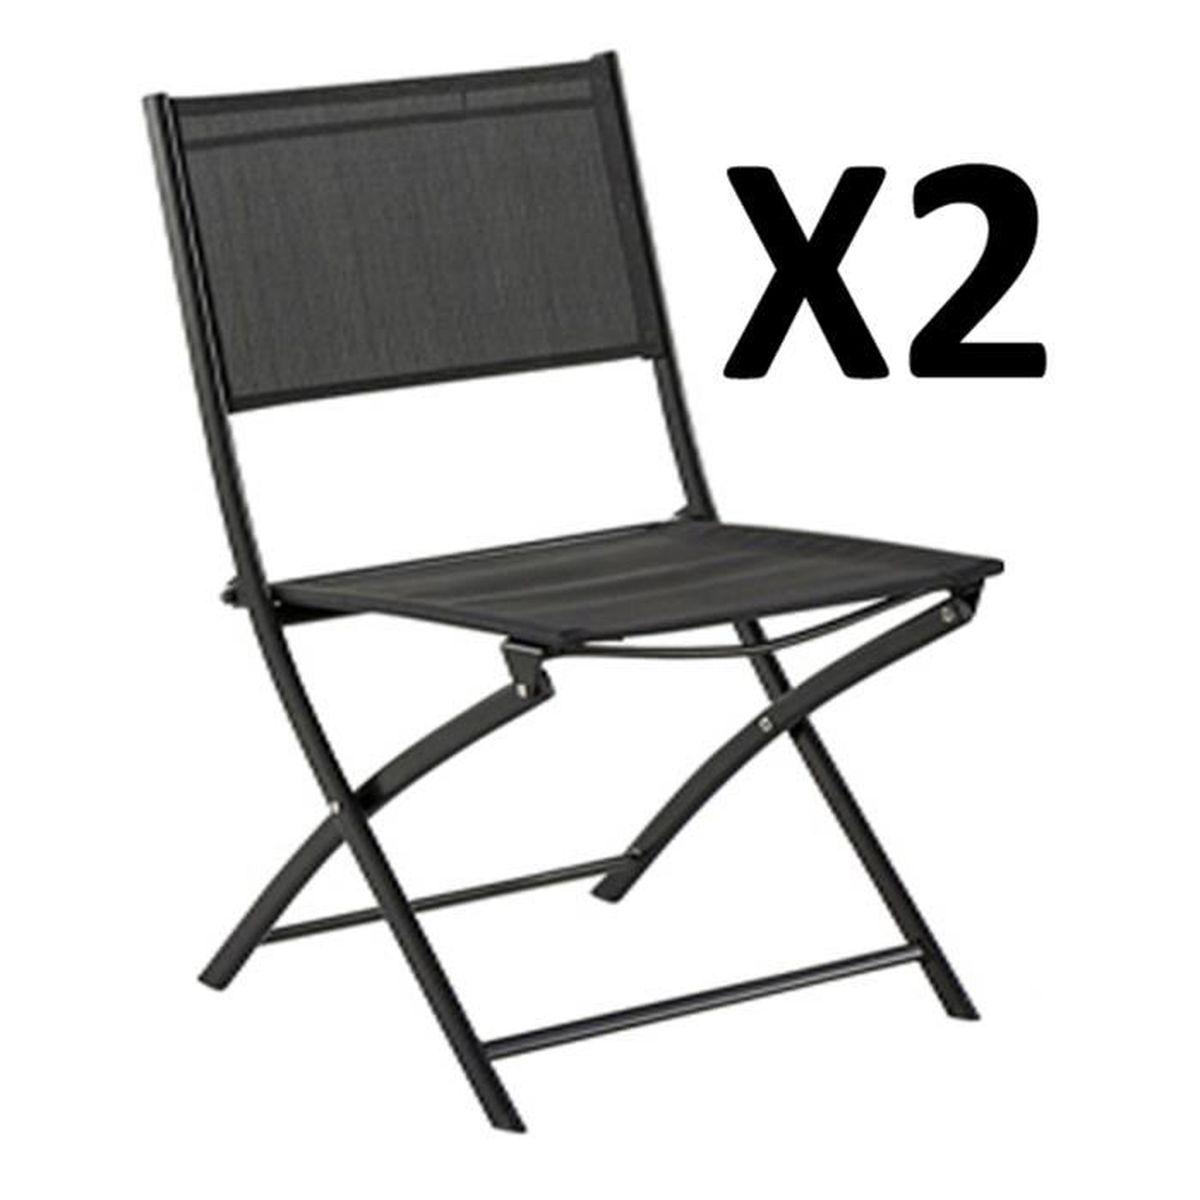 Chaise exterieure fabulous chaise de jardin resine for Chaise exterieur